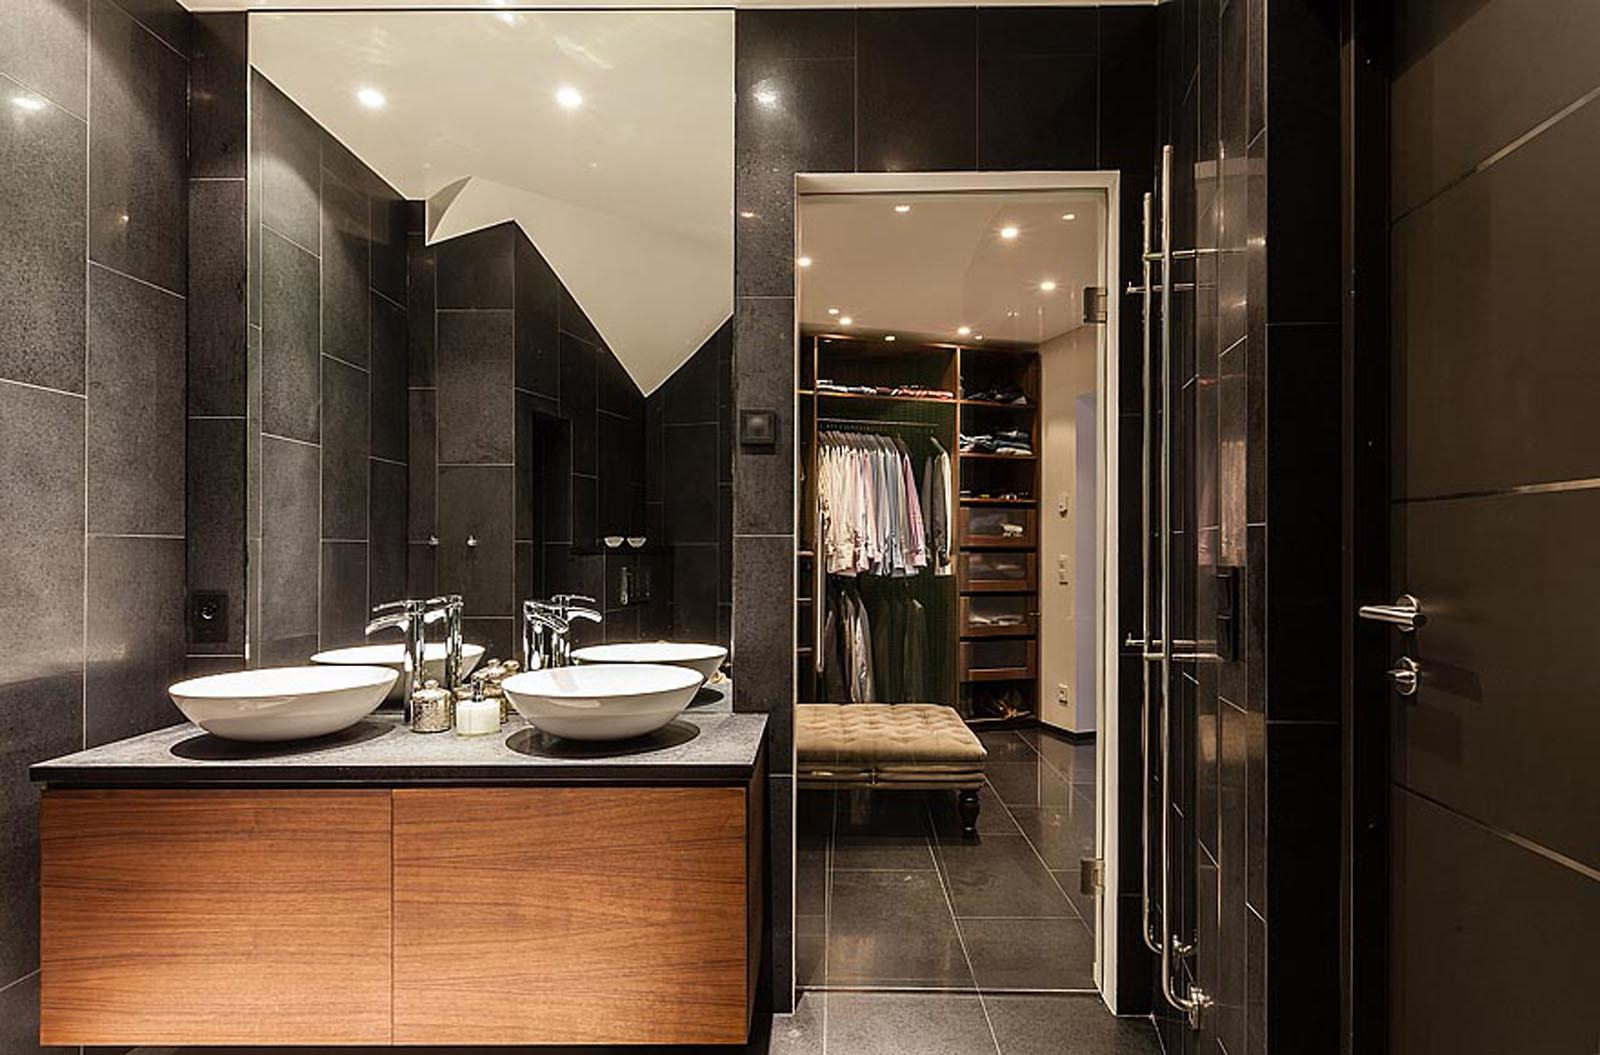 Closets com Banheiros Integrados – Fotos Lindas! cazamulher #955B36 1600x1055 Banheiro Closet Fotos